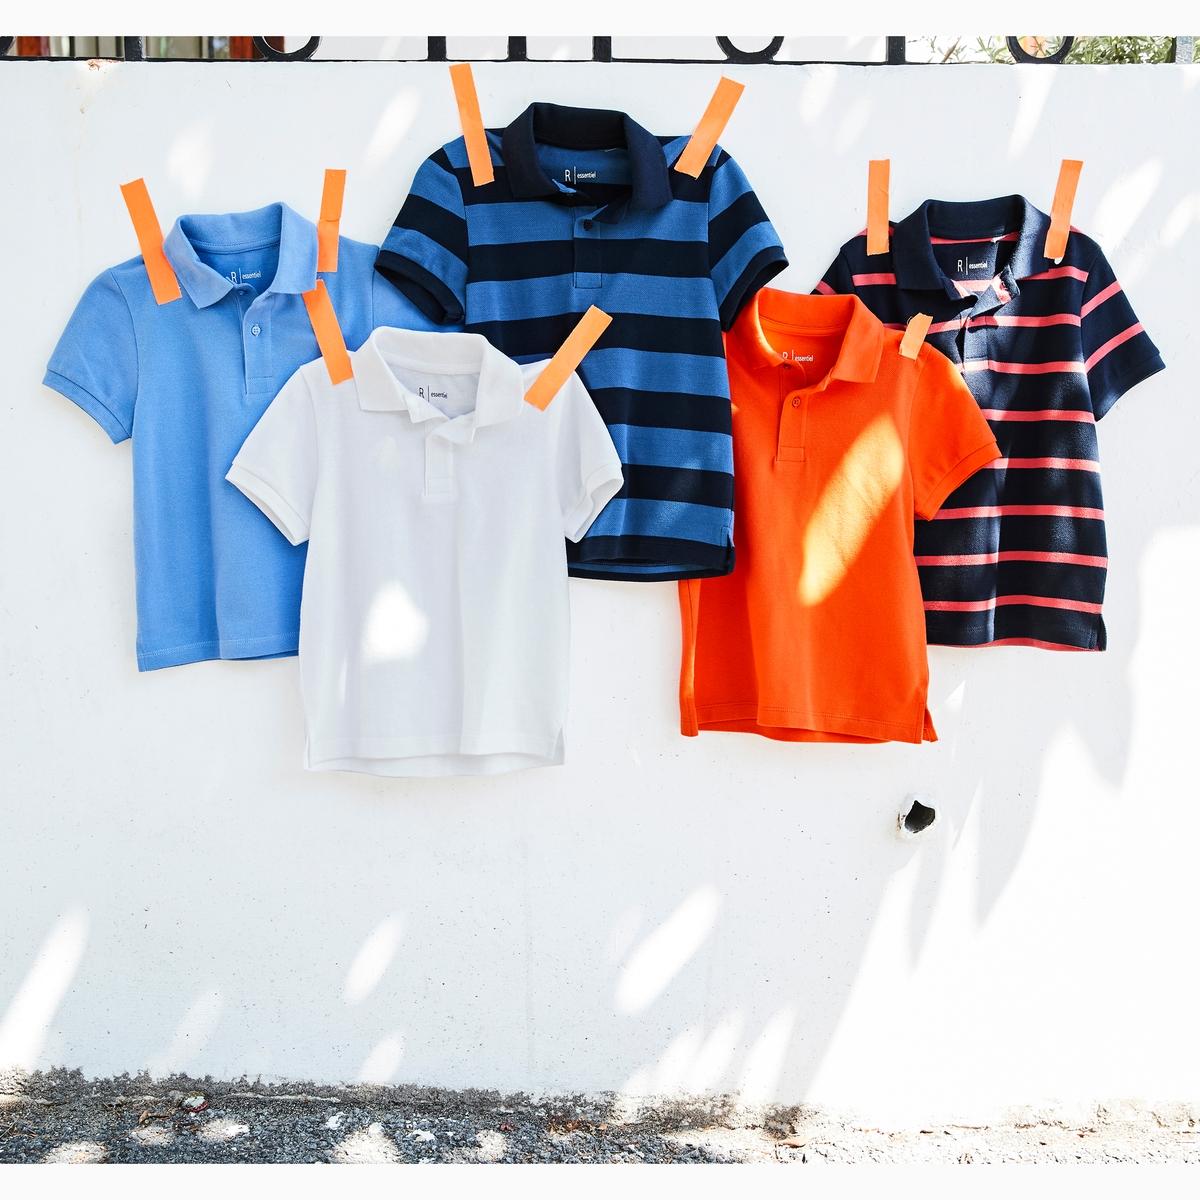 Футболка-поло однотонная из трикотажа пике 3-12 летОписание:Детали •  Короткие рукава •  Прямой покрой •  Классический воротникСостав и уход •  100% хлопок •  Температура стирки 30°  •  Сухая чистка и отбеливание запрещены •  Не использовать барабанную сушку •  Низкая температура глажки<br><br>Цвет: белый,оранжевый,синий морской,синий<br>Размер: 3 года - 94 см.6 лет - 114 см.5 лет - 108 см.8 лет - 126 см.6 лет - 114 см.5 лет - 108 см.4 года - 102 см.3 года - 94 см.8 лет - 126 см.6 лет - 114 см.5 лет - 108 см.4 года - 102 см.6 лет - 114 см.5 лет - 108 см.4 года - 102 см.10 лет - 138 см